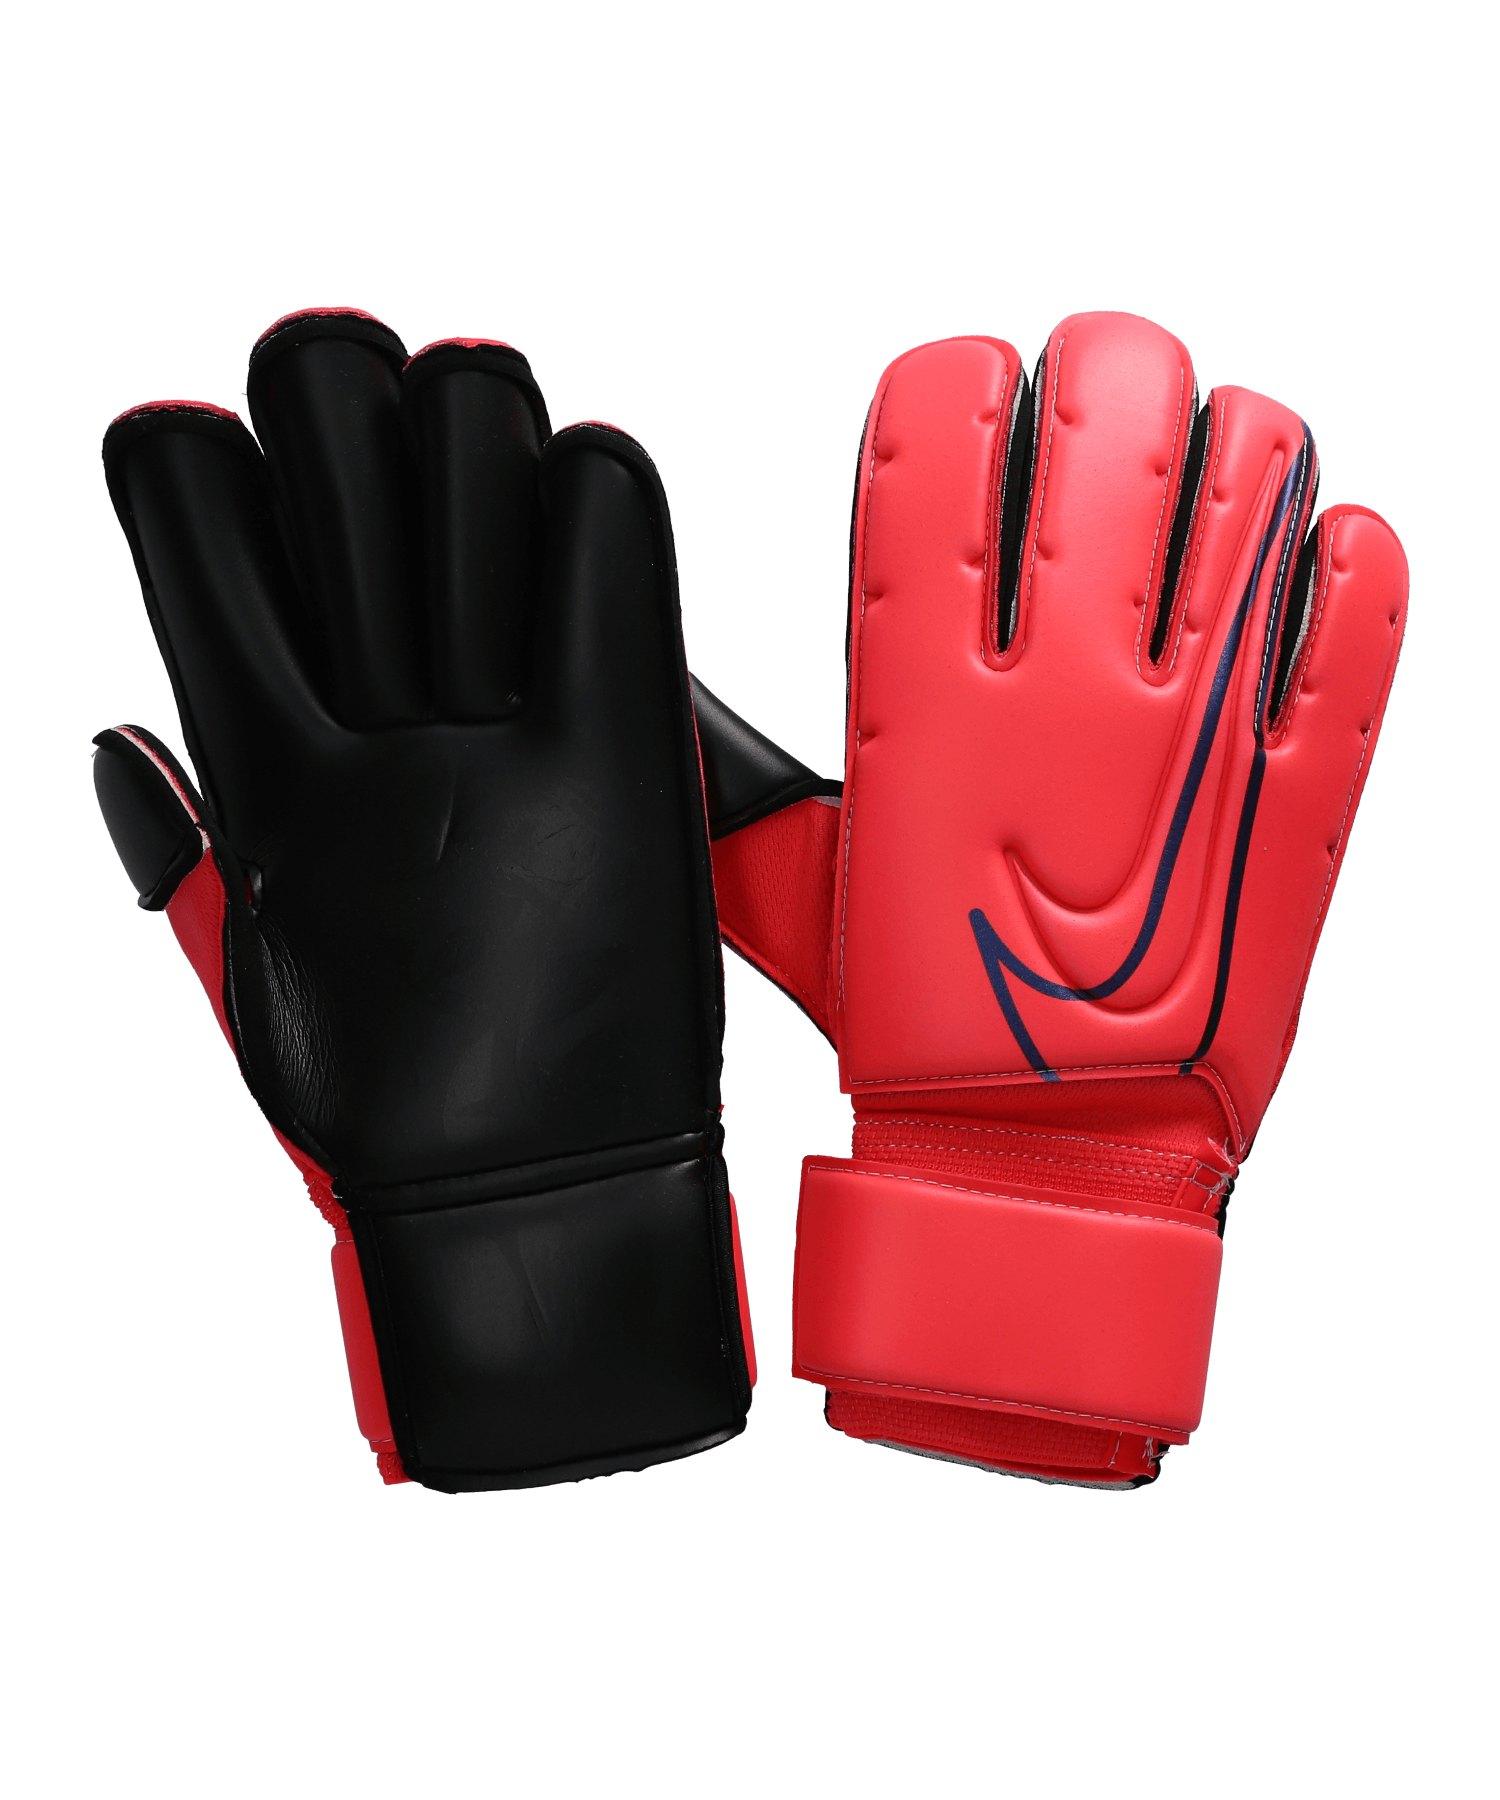 Nike Gunn Cut Promo Torwarthandschuh Rot F644 - rot